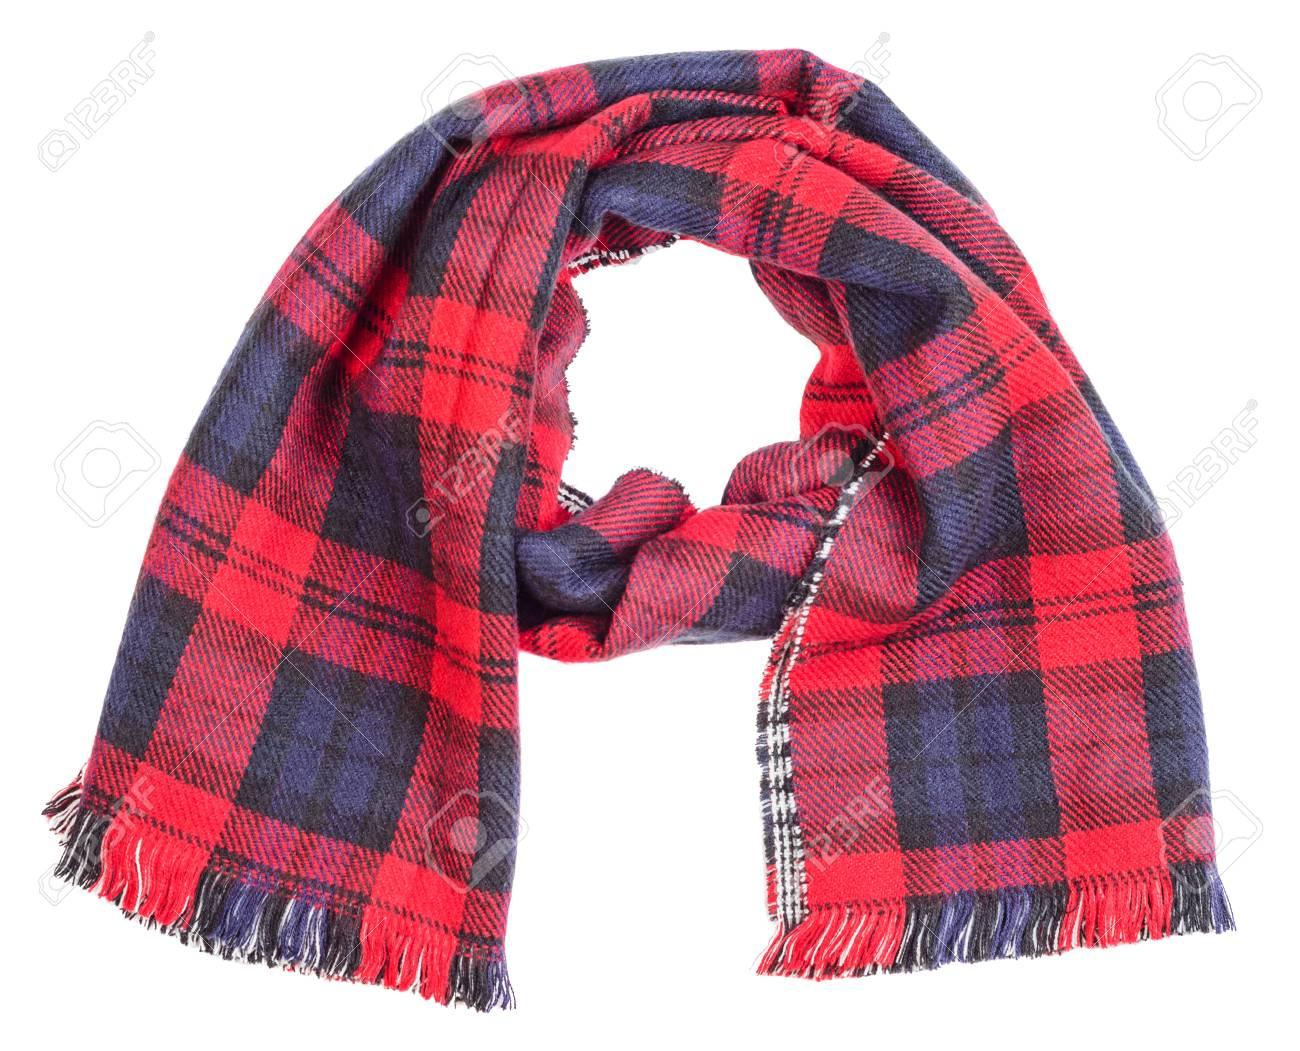 a5a00a8419a4 Banque d images - Laine tartan rouge plaid écharpe isolé sur fond blanc